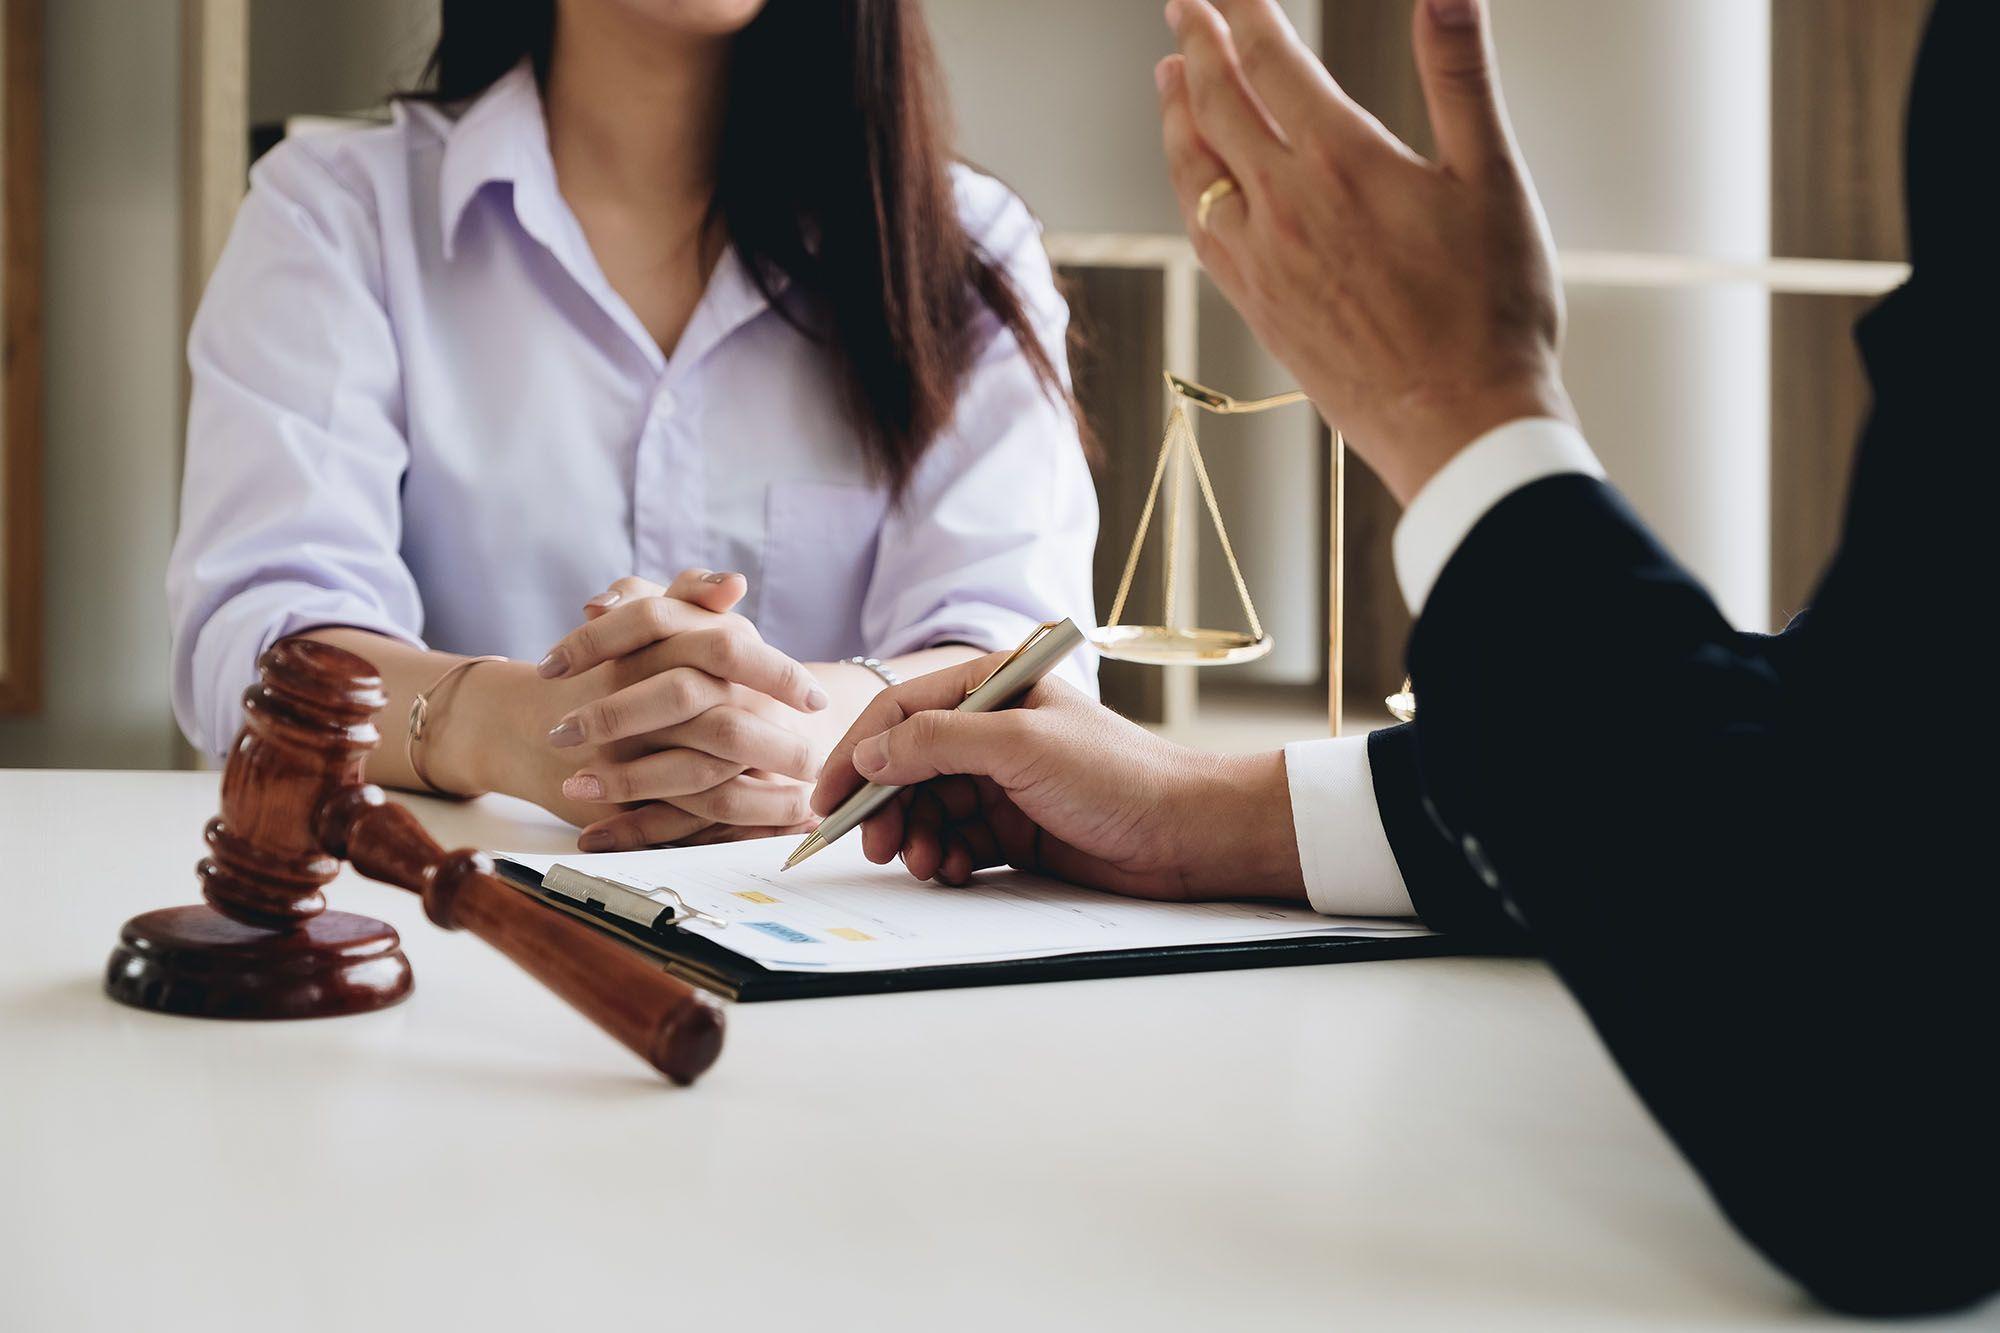 lawyer-bad-work-stairwell-hooku